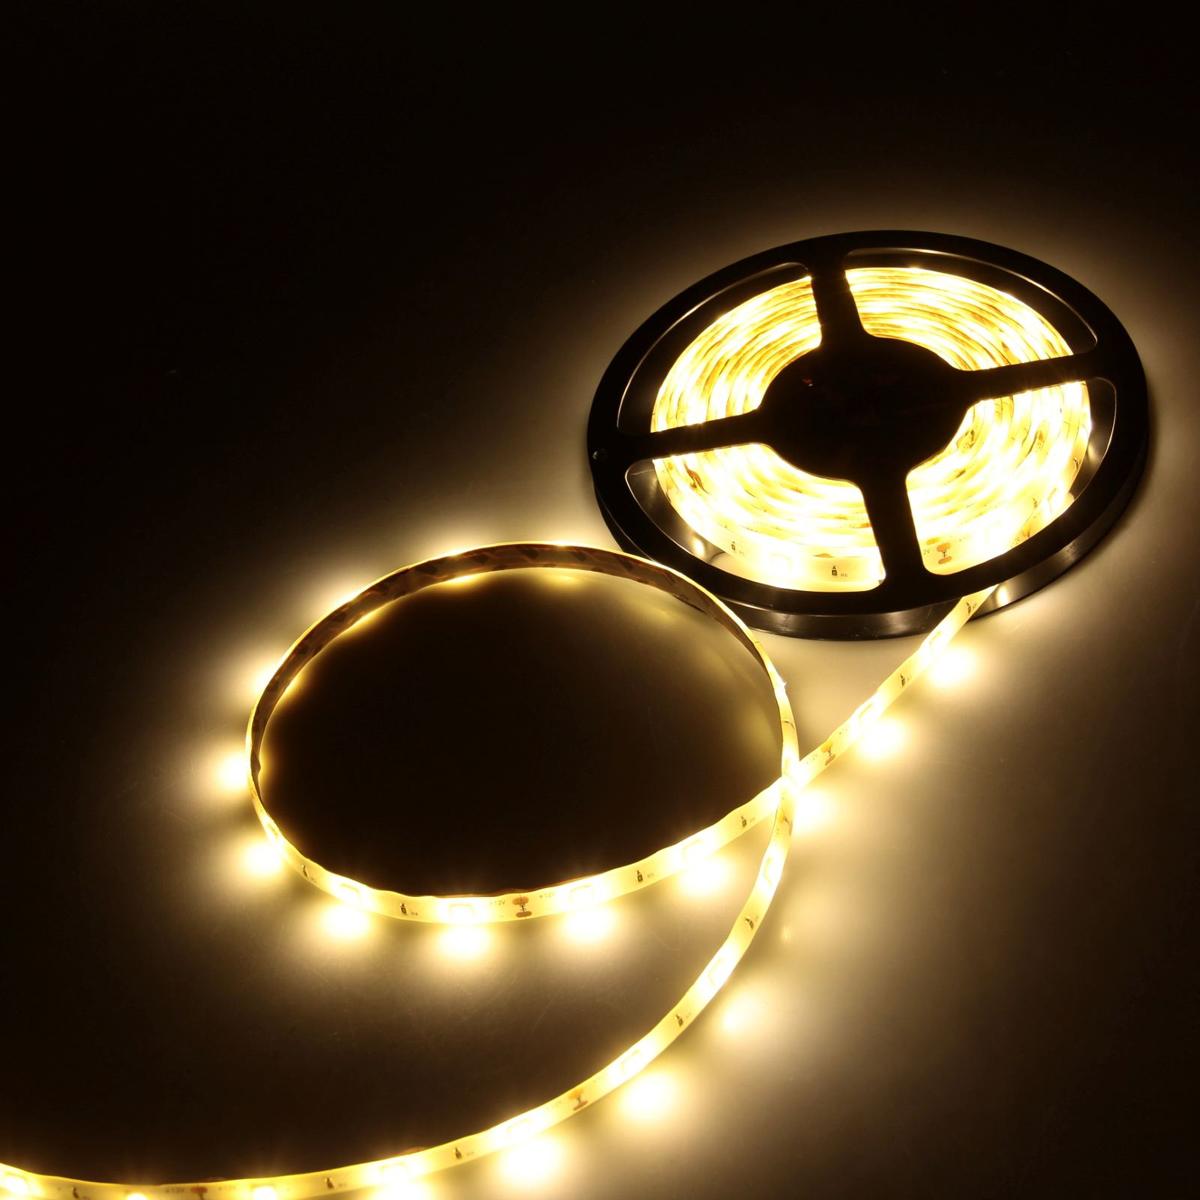 Светодиодная лента Luazon, 12В, SMD5050, длина 5 м, IP65, 30 LED ламп, 7.2 Вт/м, 14-16Л м/1 LED, DC, цвет: теплый белый883928Светодиодные гирлянды, ленты и т.д — это отличный вариант для новогоднего оформления интерьера или фасада. С их помощью помещение любого размера можно превратить в праздничный зал, а внешние элементы зданий, украшенные ими, мгновенно станут напоминать очертания сказочного дворца. Такие украшения создают ауру предвкушения чуда. Деревья, фасады, витрины, окна и арки будто специально созданы, чтобы вы украсили их светящимися нитями.